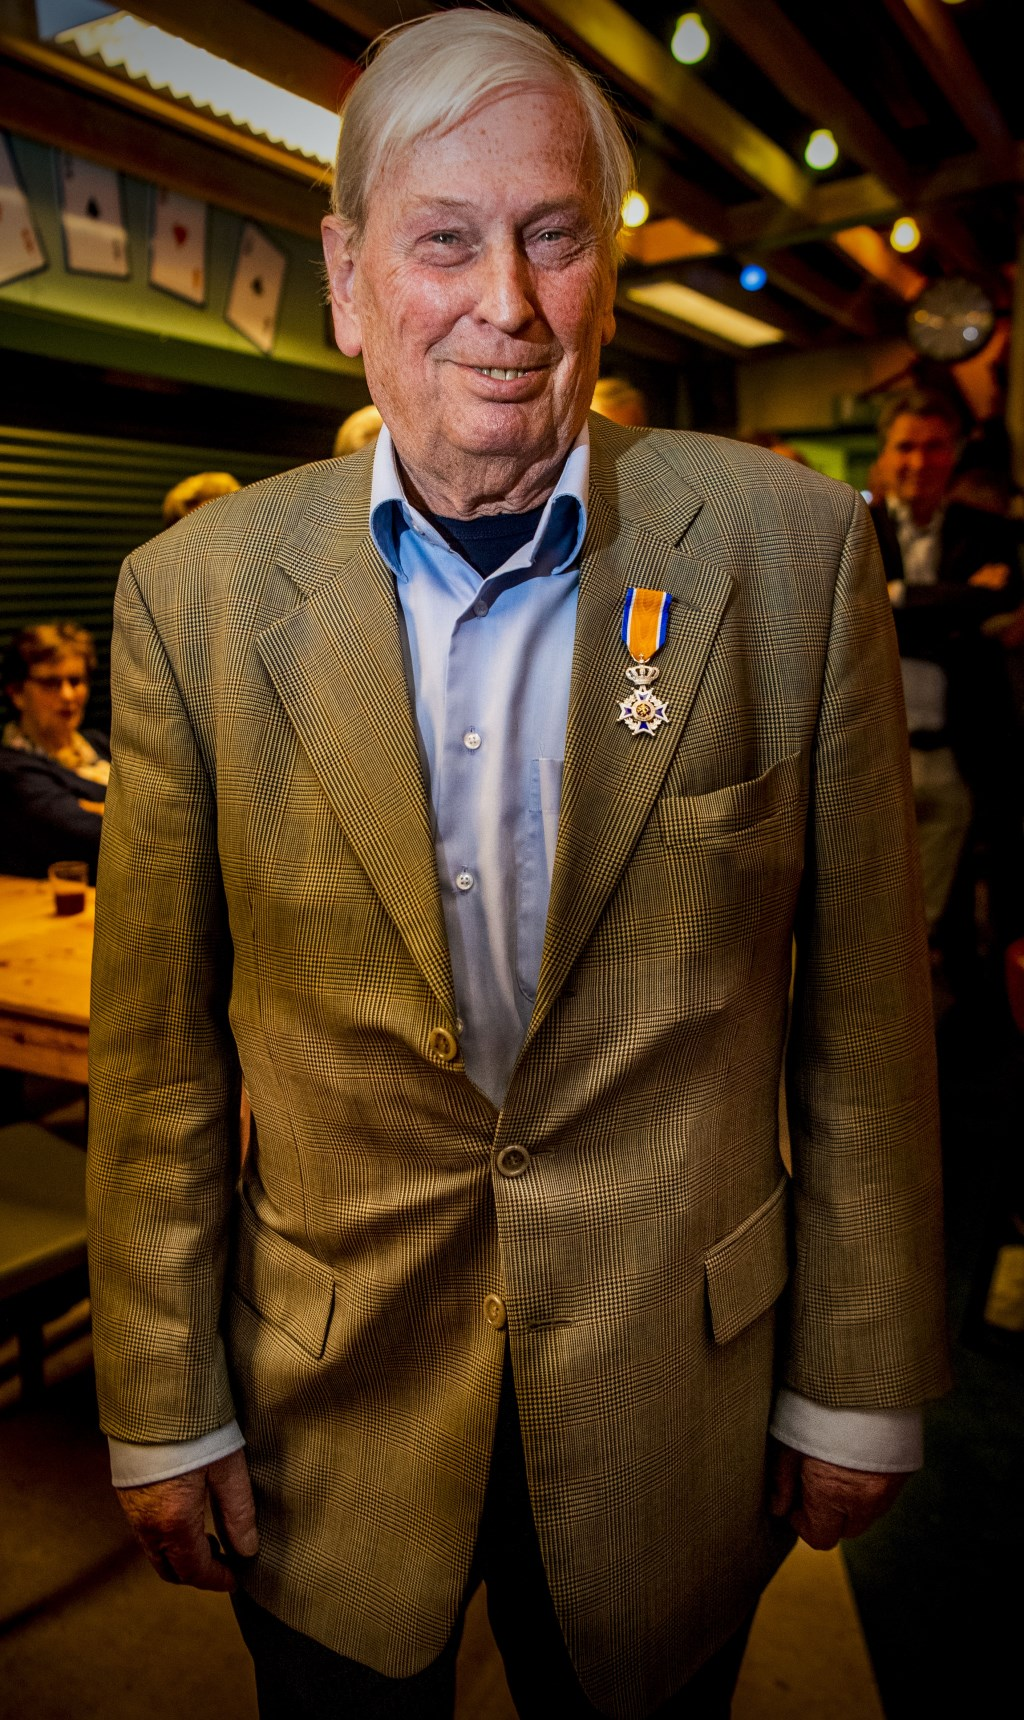 Vanwege zijn verdiensten is Feleus benoemd als lid in de Orde van Oranje Nassau. Foto: Frank de Roo © Persgroep